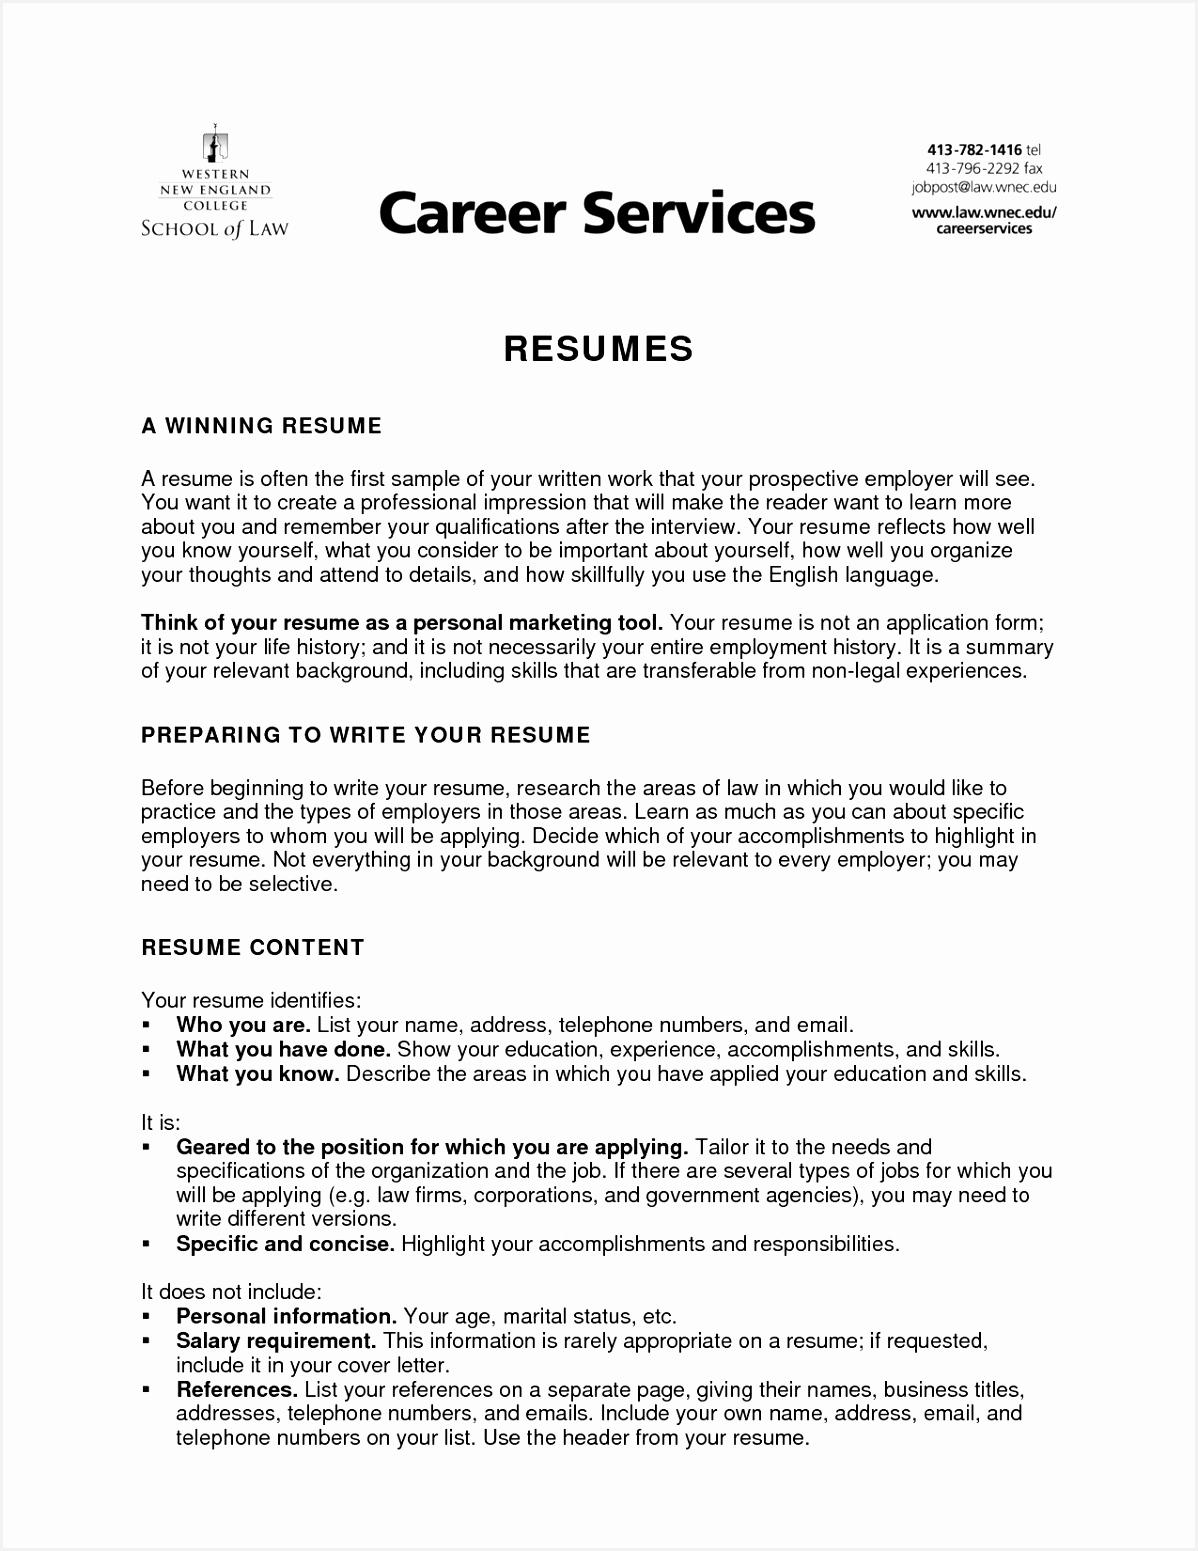 General Contractor Resume Elegant General Contractor Resume 15511198soUfX